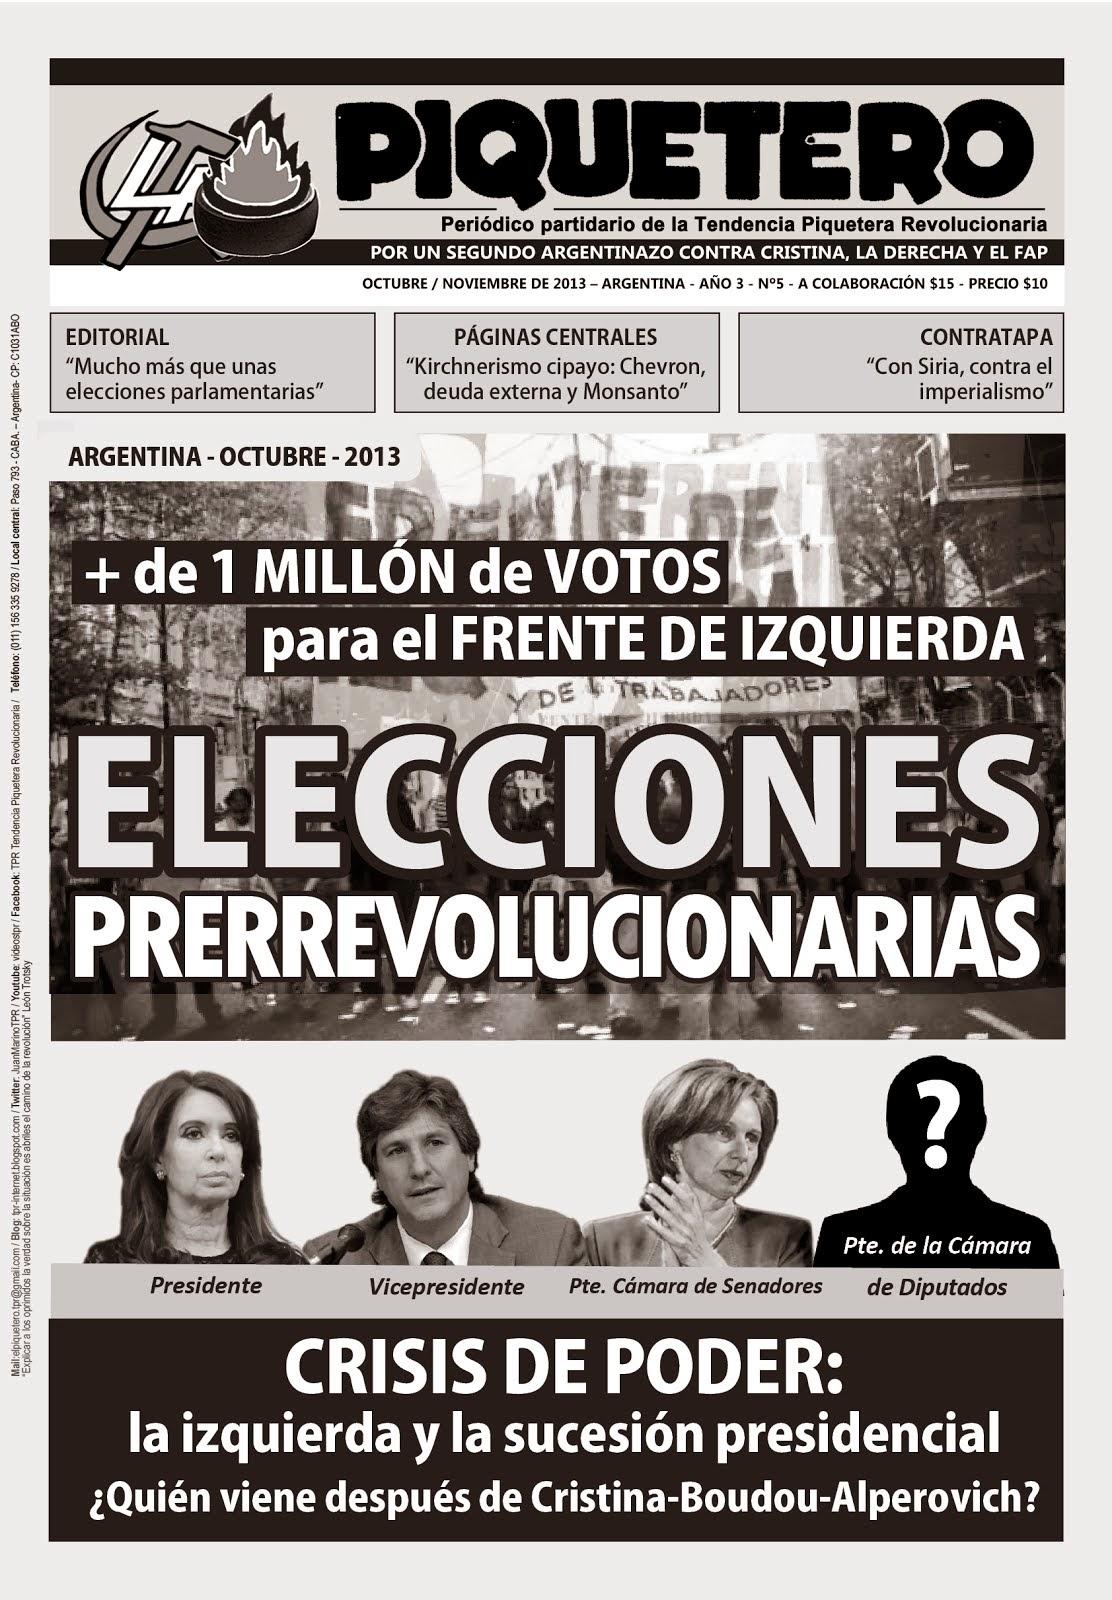 ¡YA SALIÓ! - EL PIQUETERO - Nº5 - AÑO 3 - OCTUBRE/NOVIEMBRE 2013